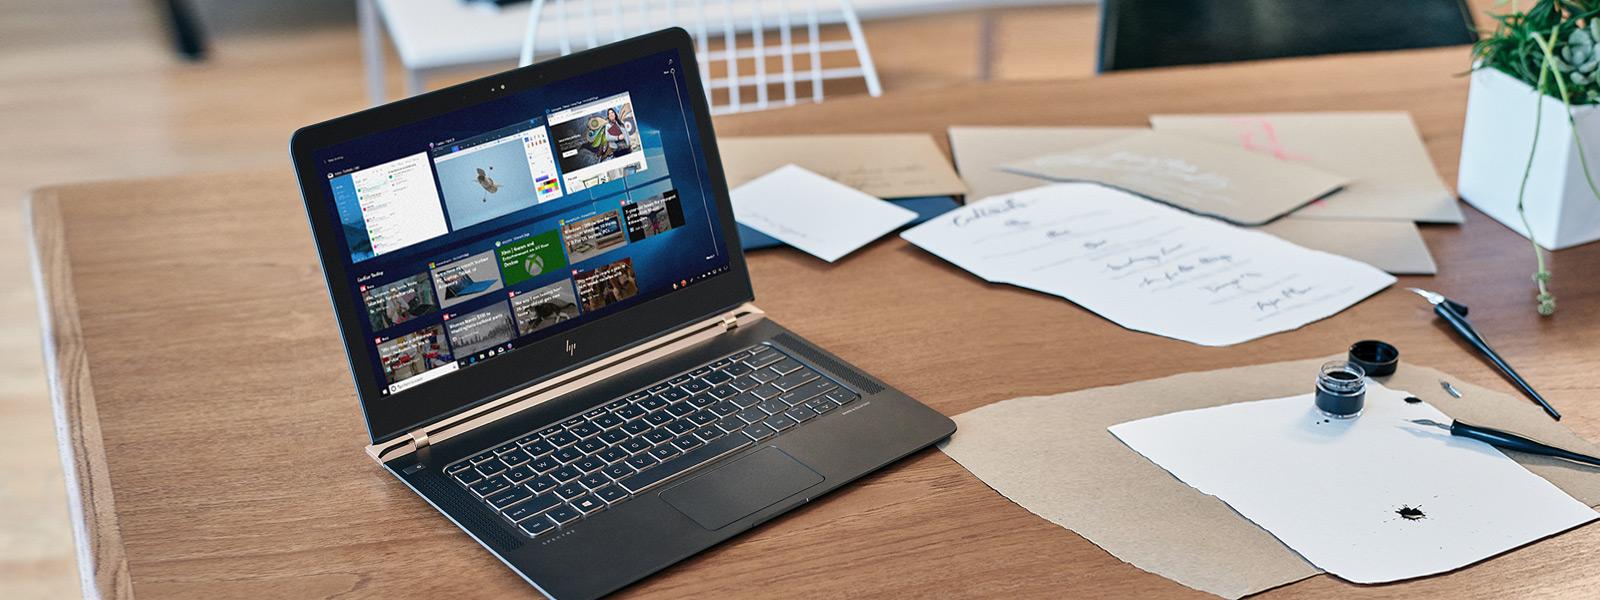 Windows tijdlijn op een laptop op een bureau